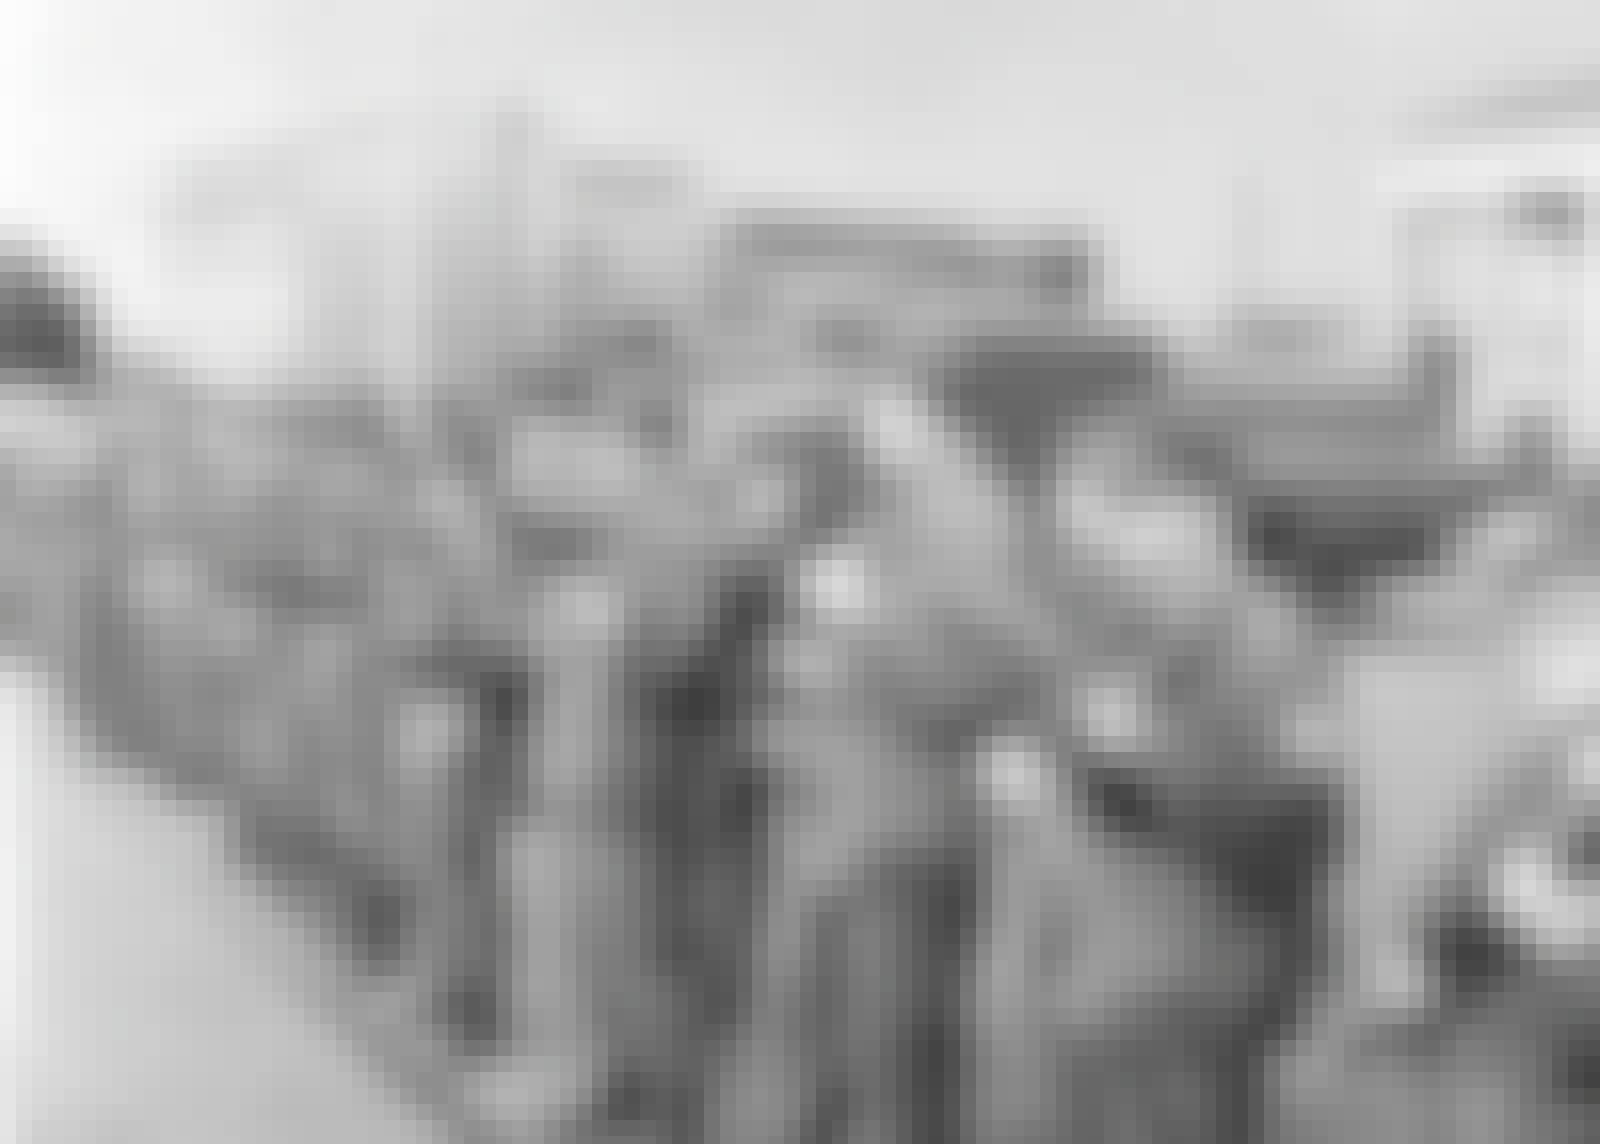 Itäsaksalaiset sotilaat 1961 muodostivat Berliinin muurin